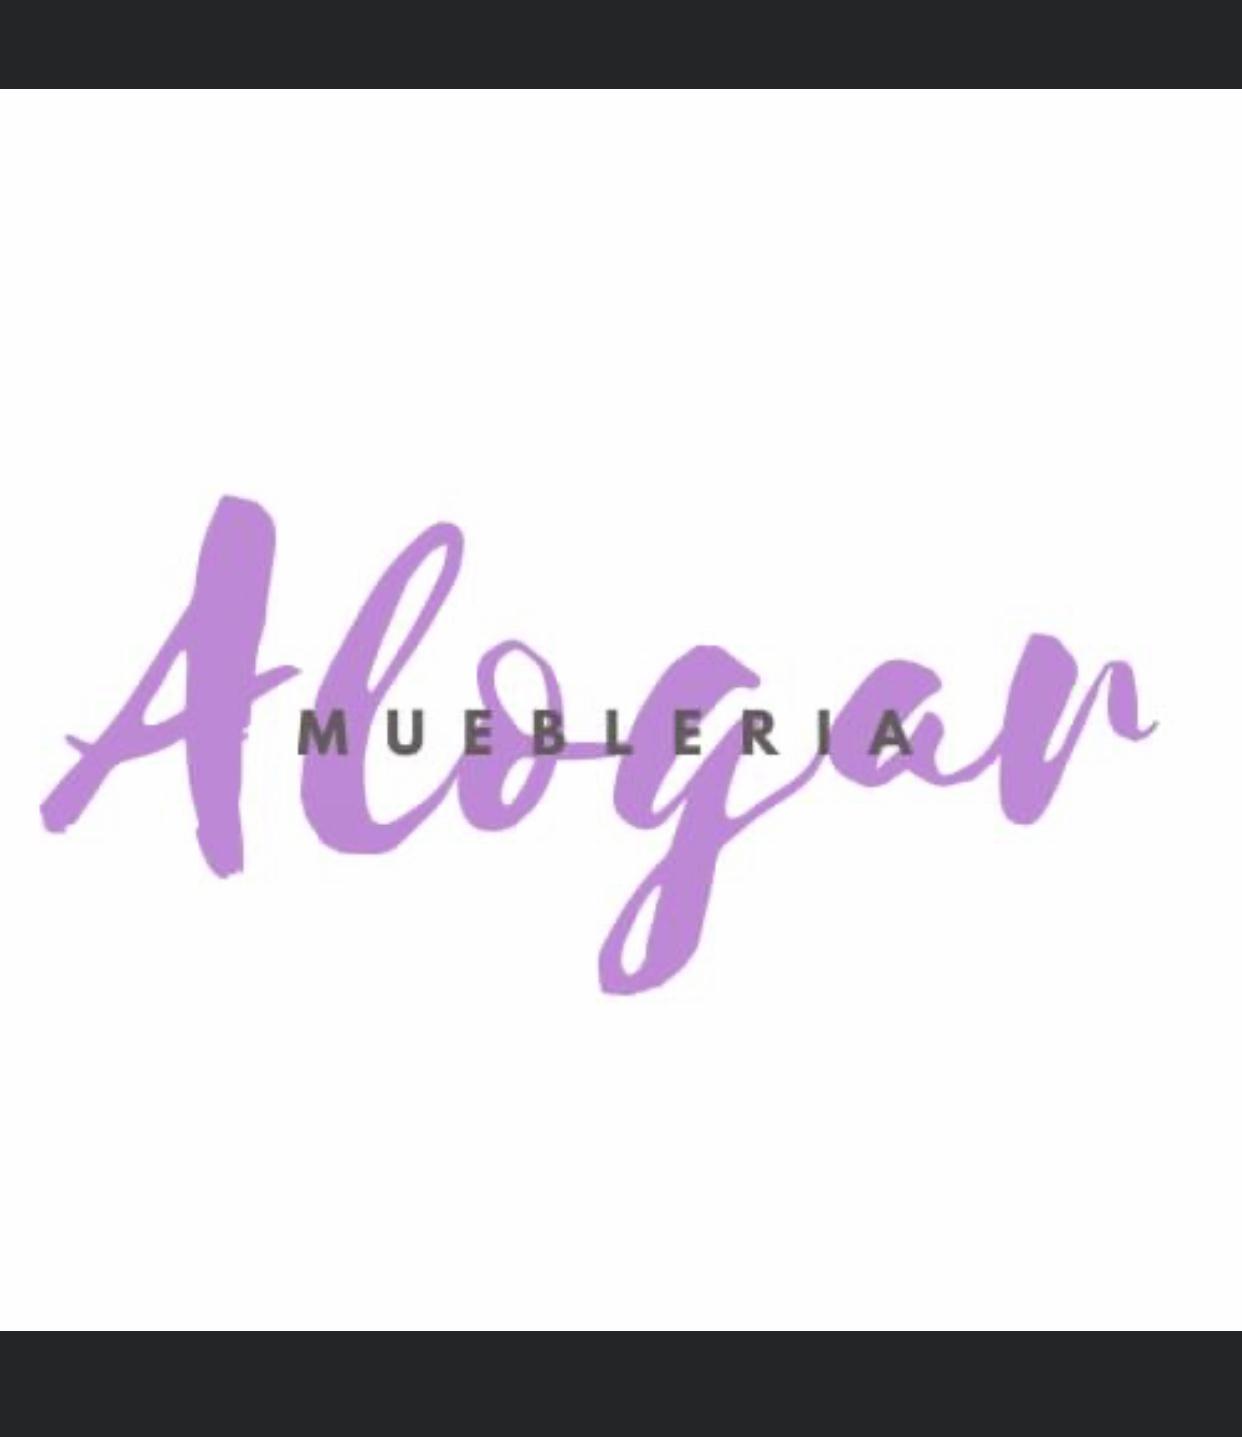 MUEBLERIA ALOGAR